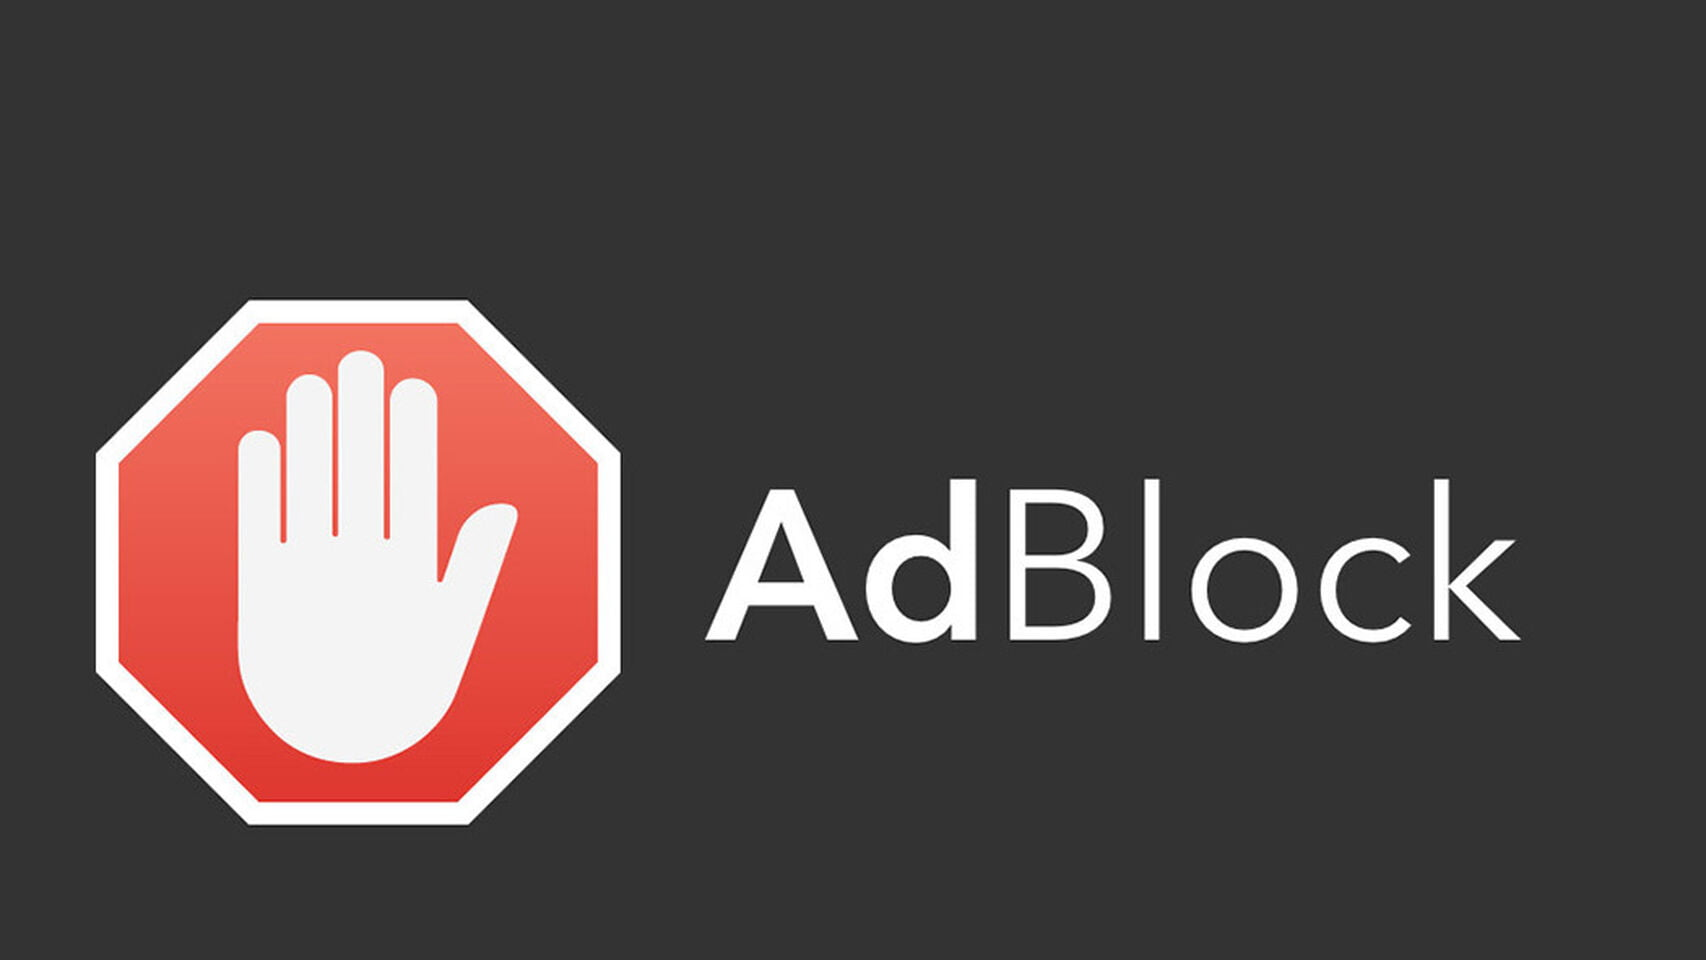 Logotipo de AdBlock